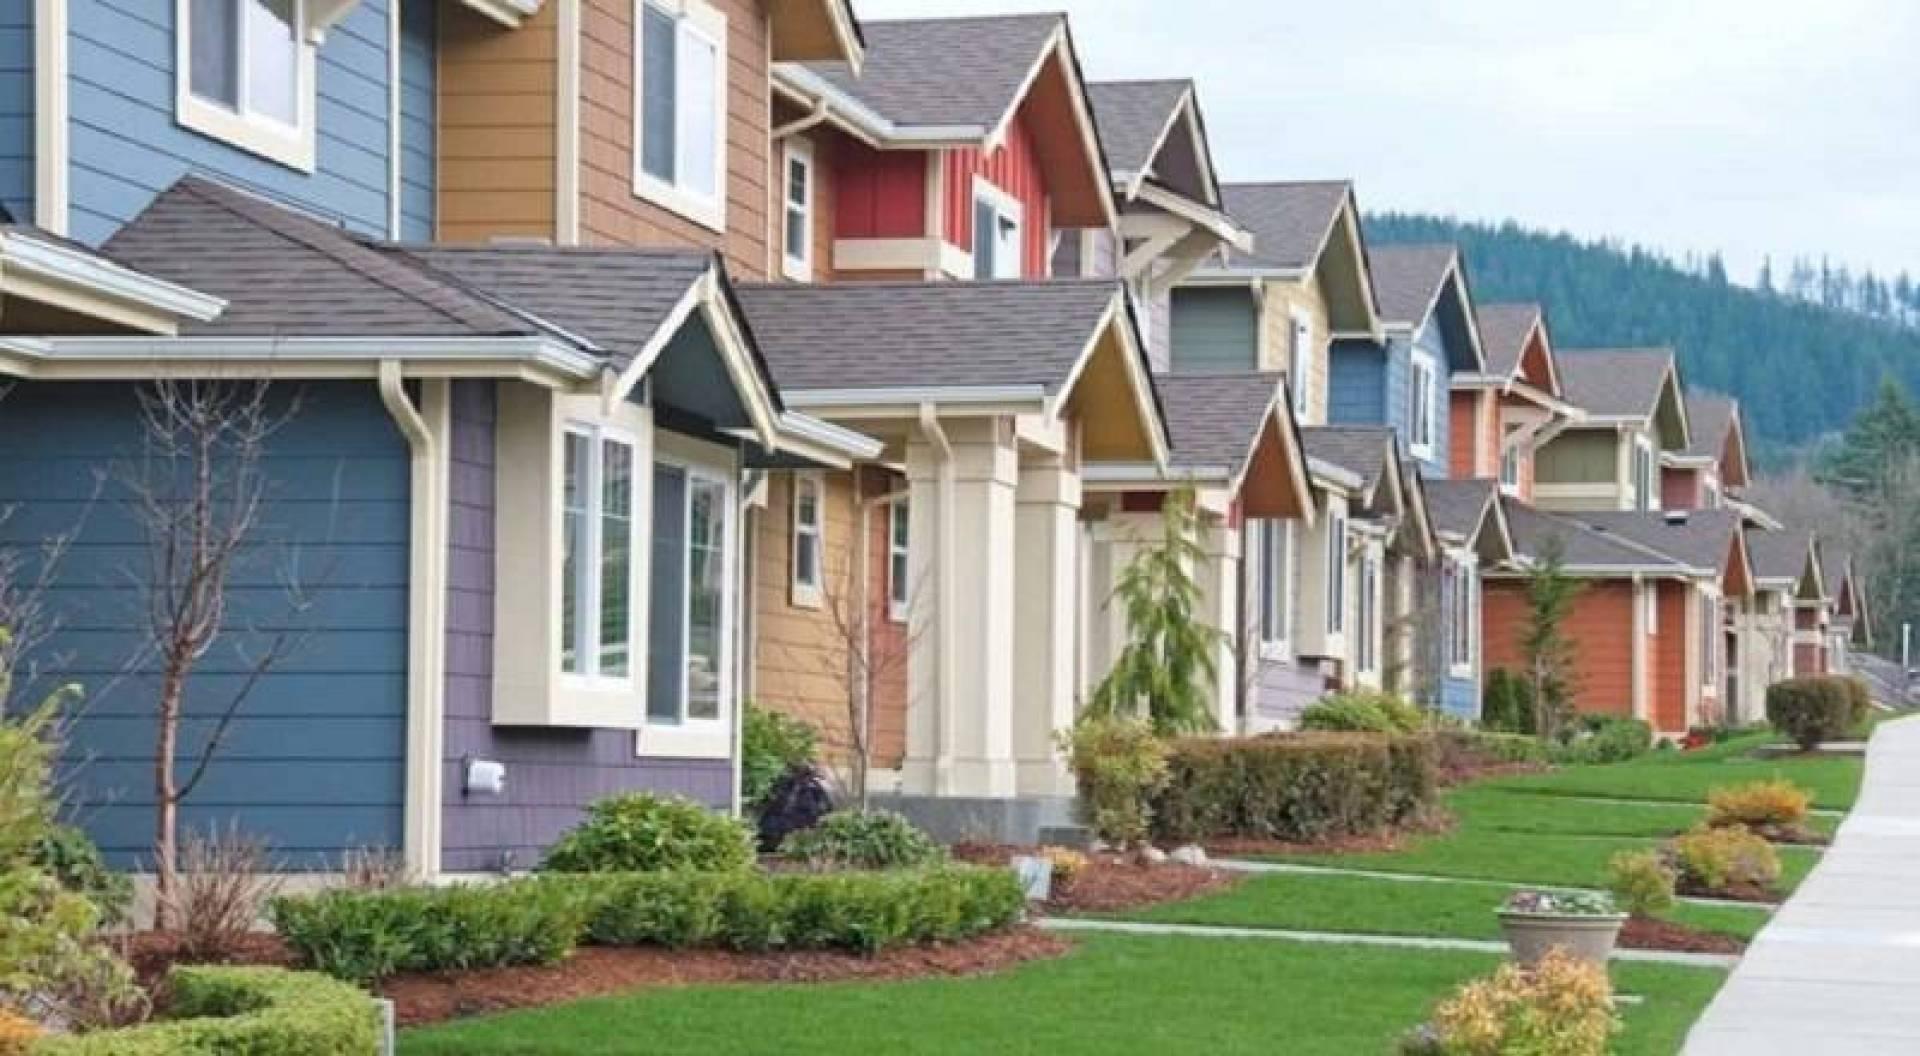 مبيعات المنازل الأميركية تسجل أكبر تراجع في 10 سنوات